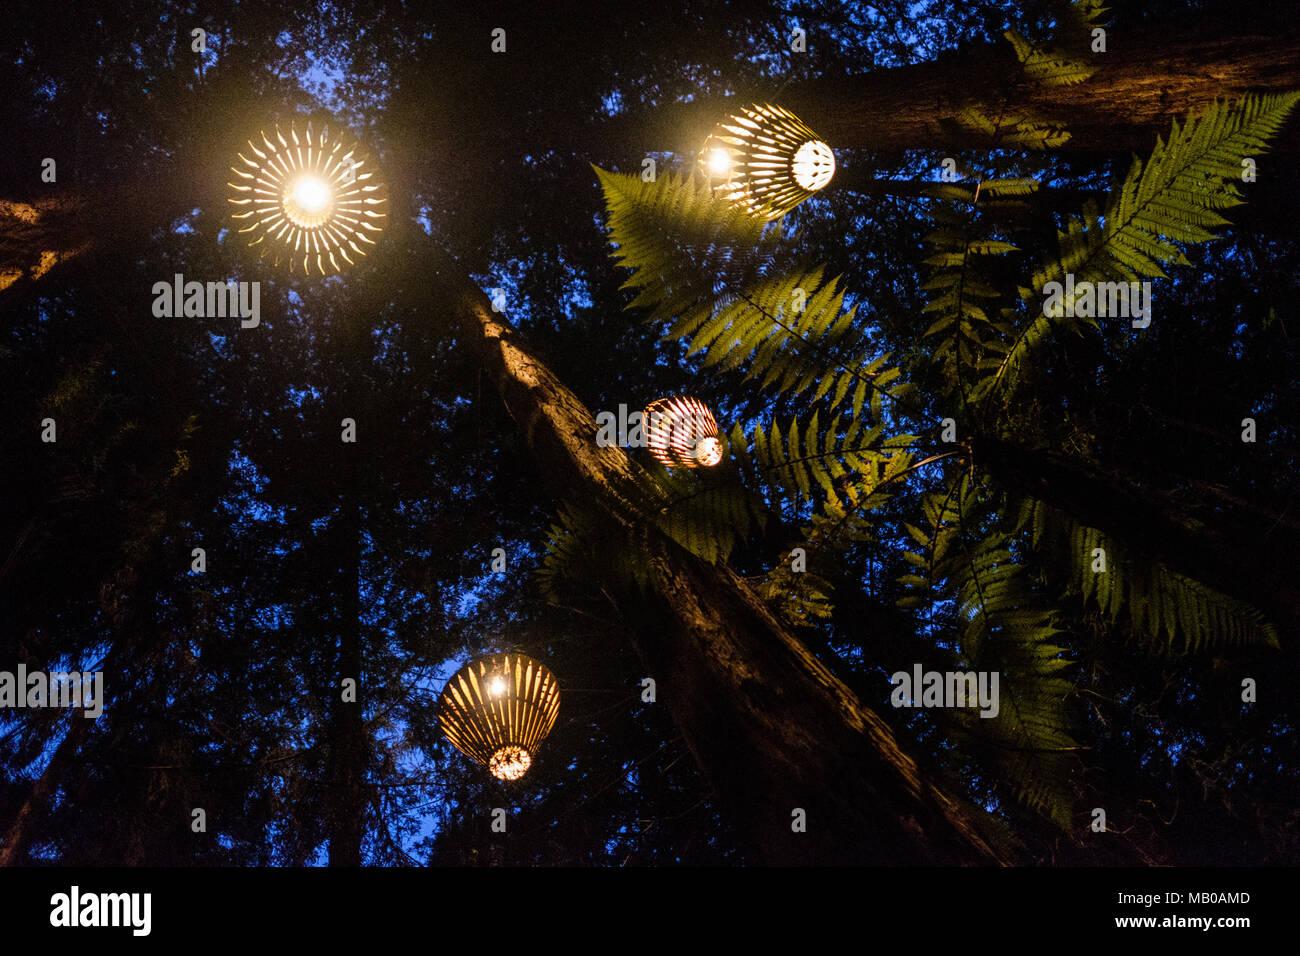 David trubridge design immagini david trubridge design fotos